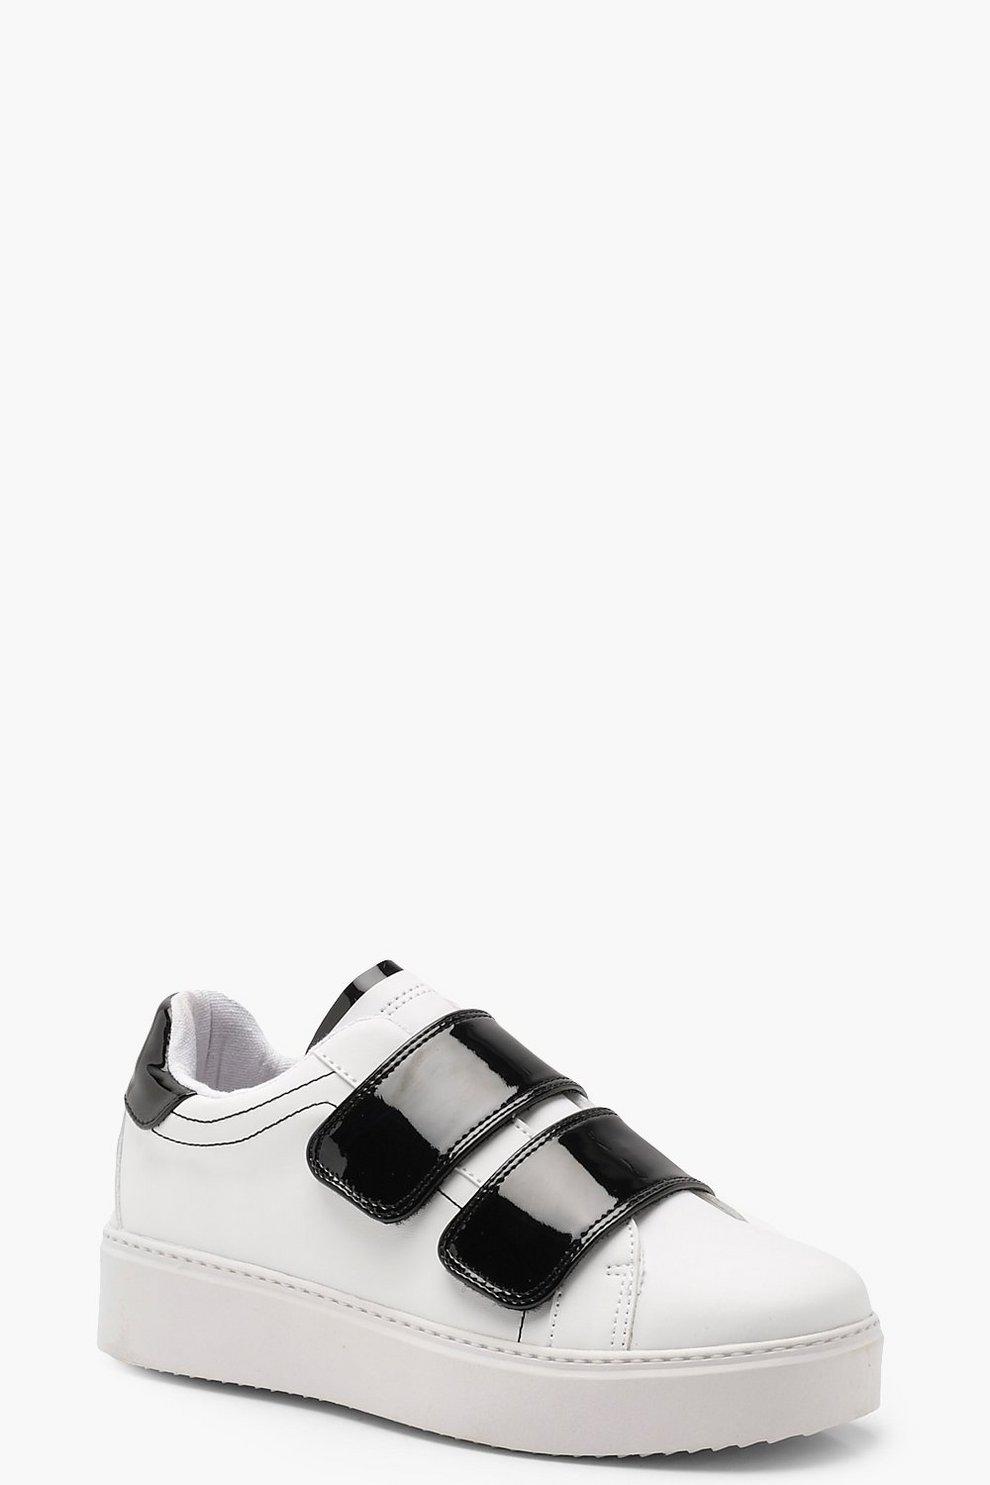 c61dadaa6 Zapatillas deportivas con plataforma y tiras de velcro | Boohoo